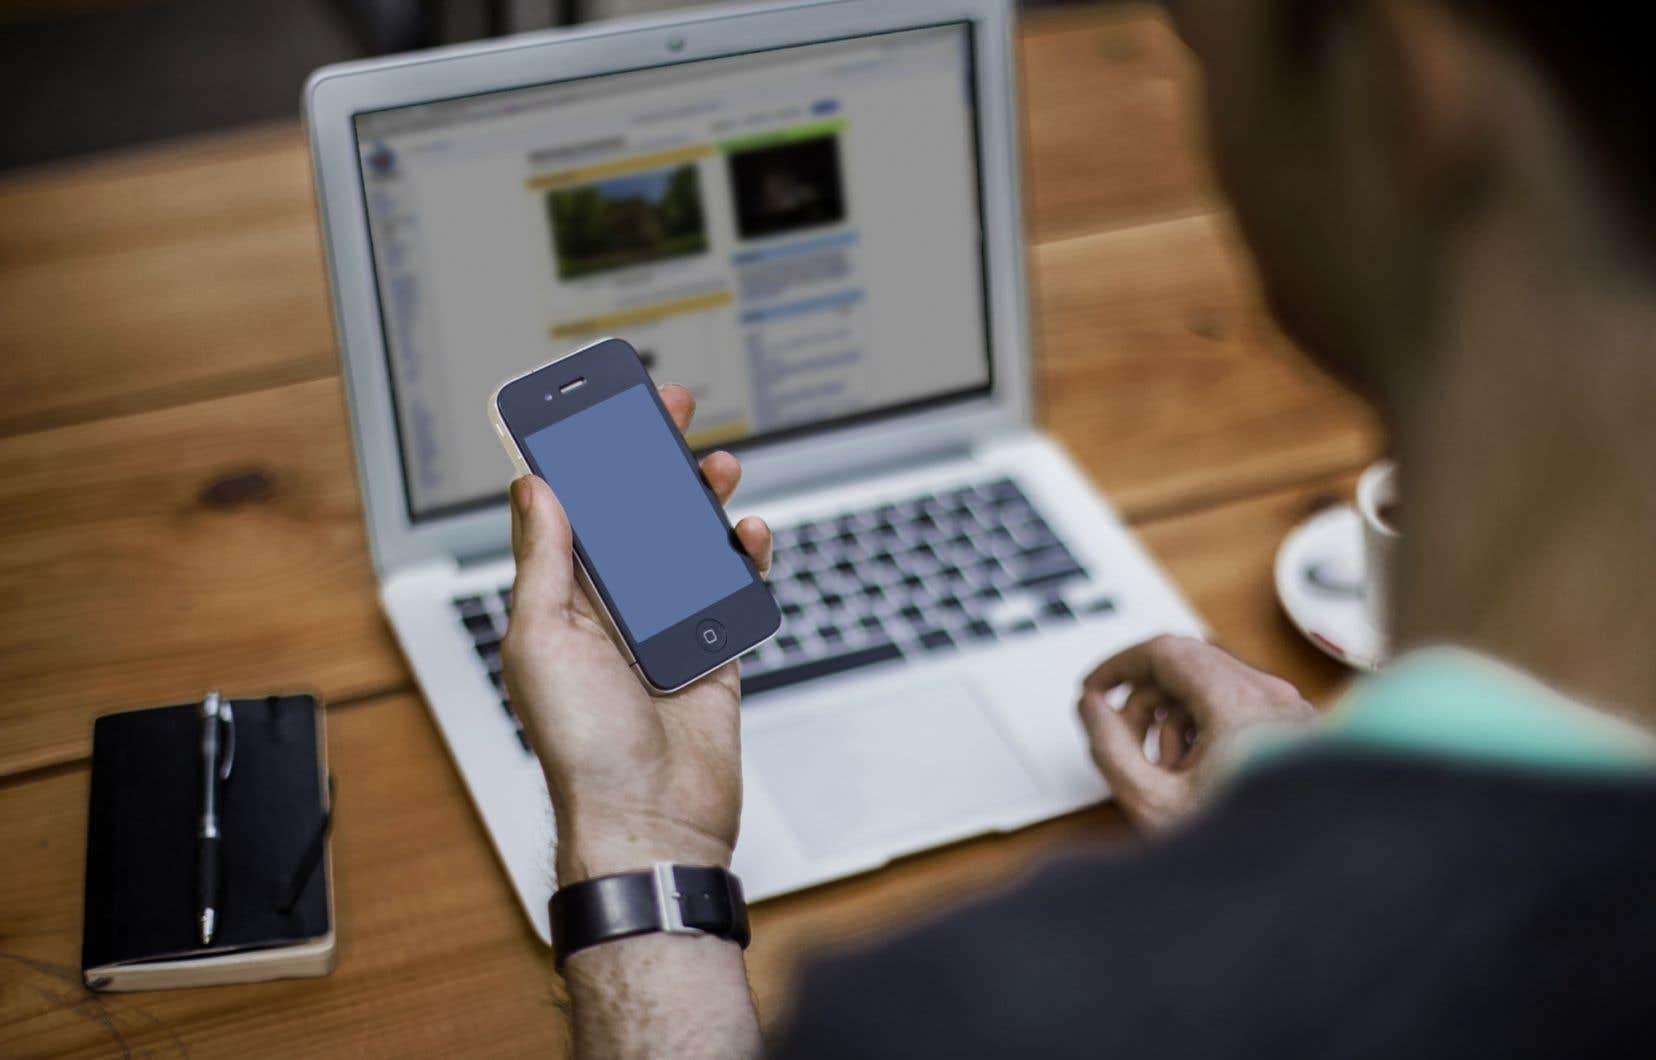 Les Canadiens ont appris, ce printemps, que neuf entreprises de télécommunications ont partagé avec des agences gouvernementales des informations sur leurs clients plus d'un million de fois, en 2011